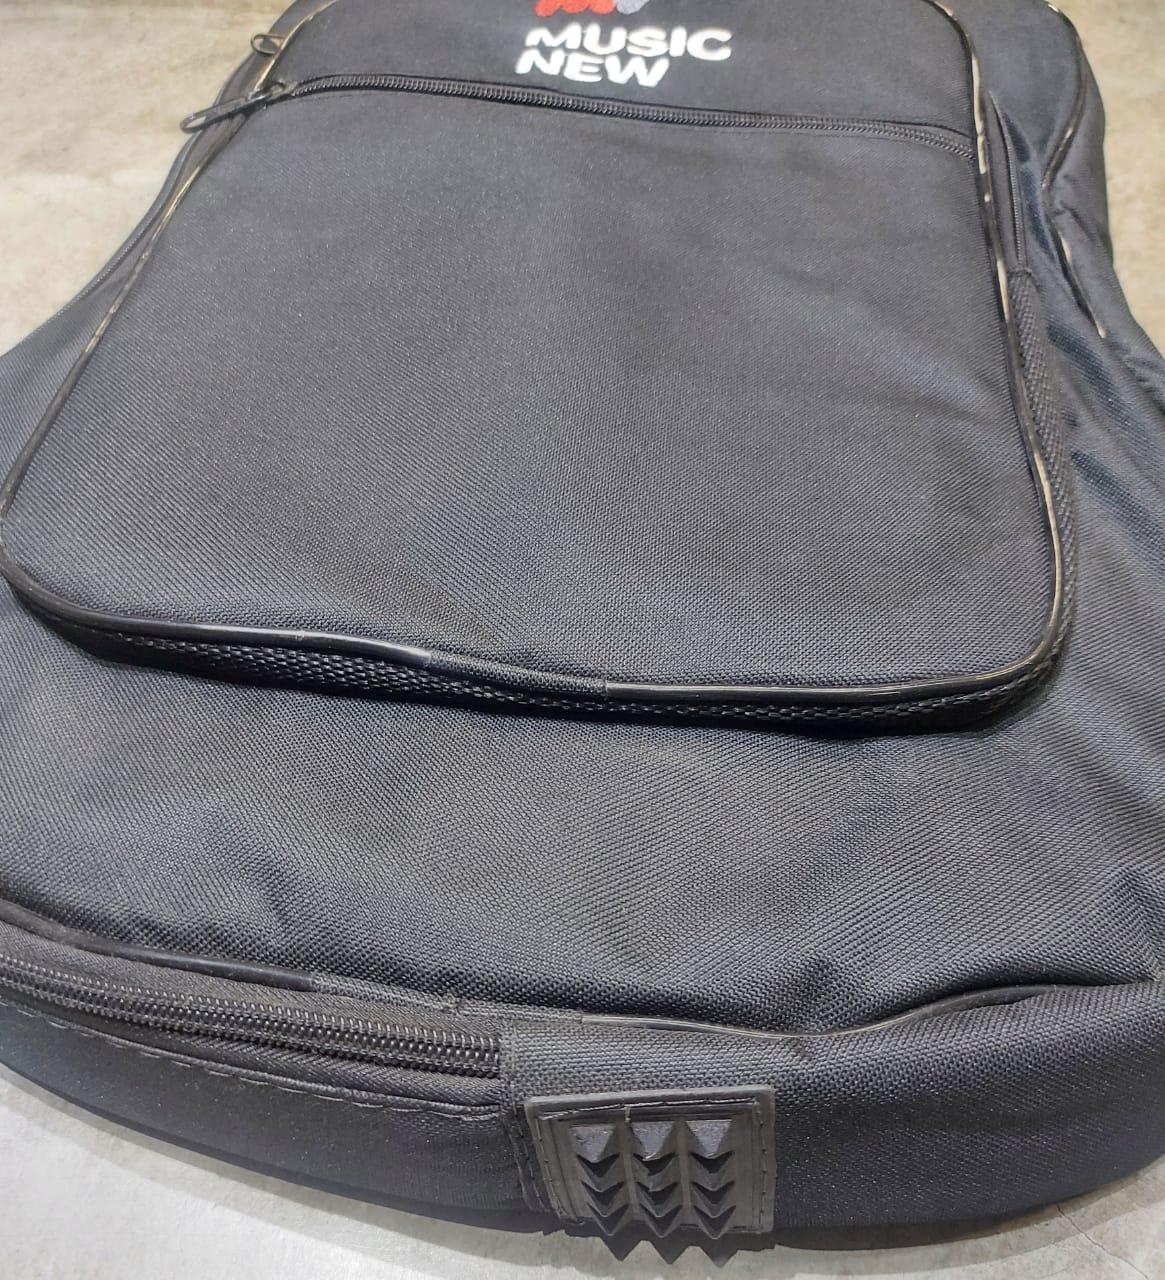 Bag Contrabaixo Music New Soft  - MegaLojaSP